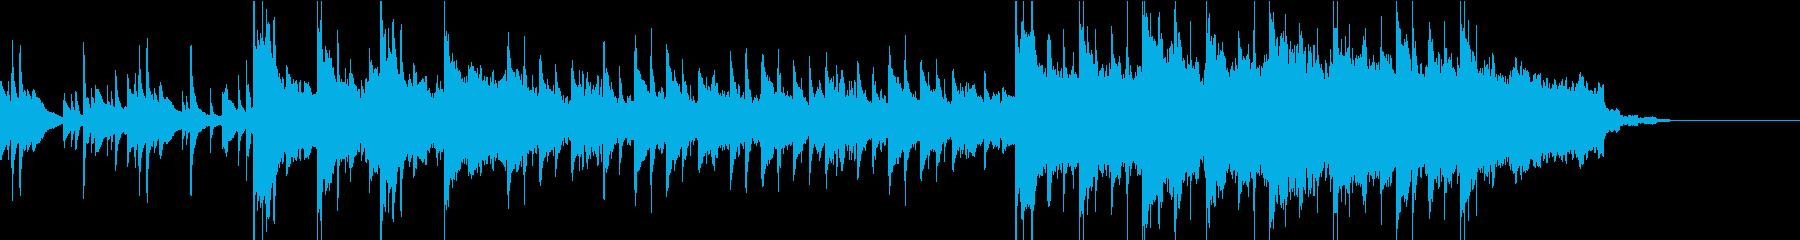 企業VPや映像に壮大なバイオリンBGMの再生済みの波形